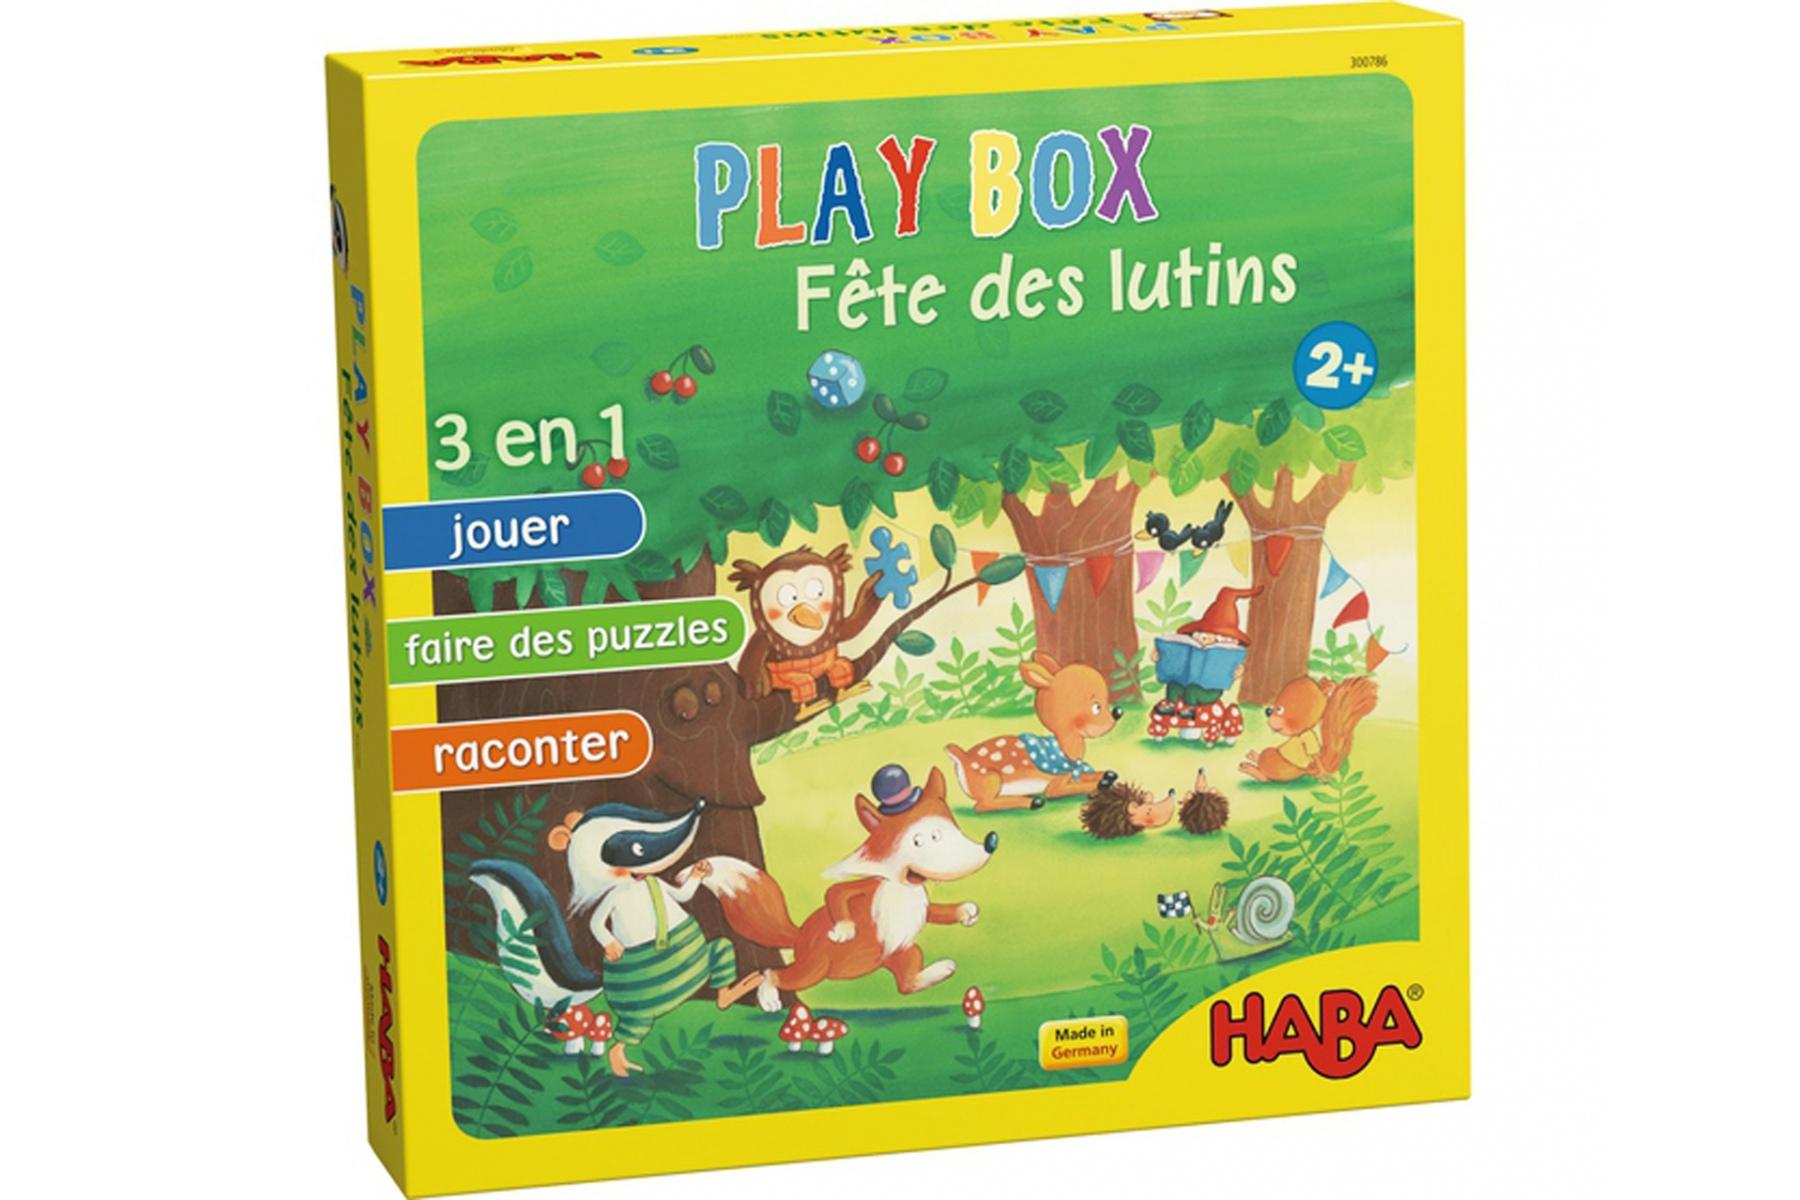 Play Box Haba - Fête Des Lutins - Jeux De Société Haba - A pour Jeux De Société À Partir De 2 Ans